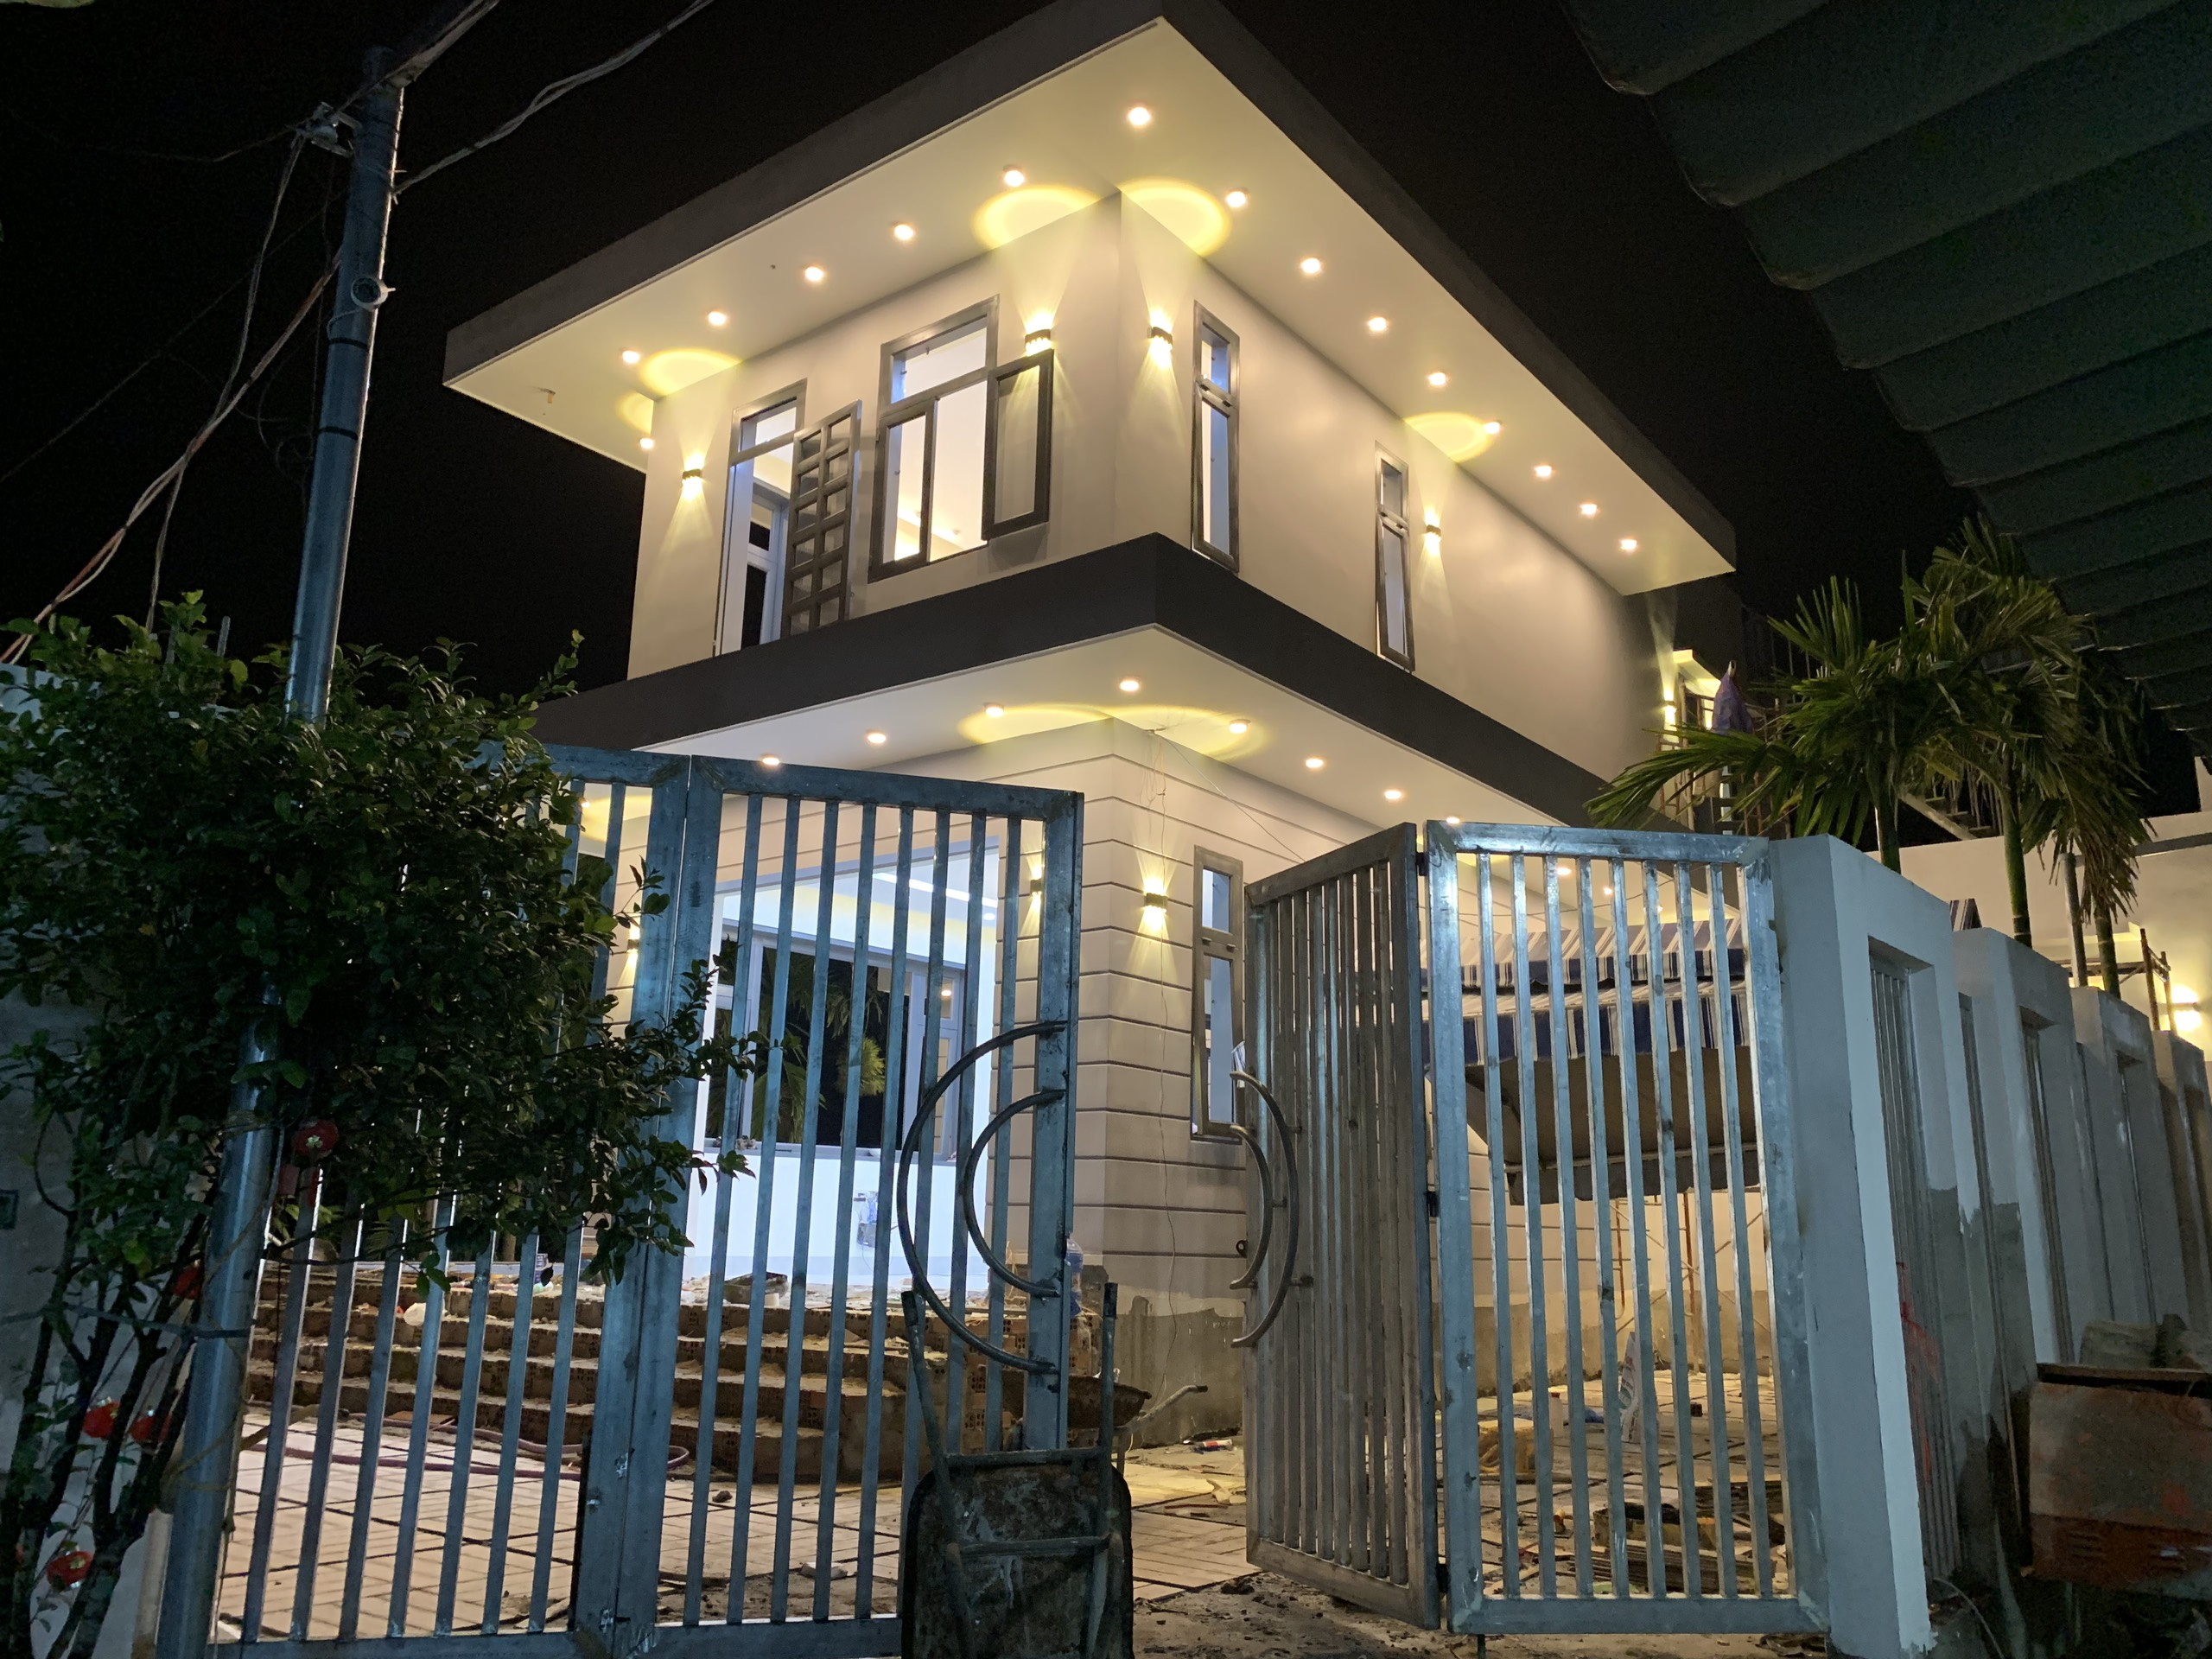 mau nha 2 tang thi cong 1 Chuyên hoàn thiện nhà liền kề phần thô từ A đến Z (kiến trúc nội thất) cho khách bận rộn ở Đồng Nai